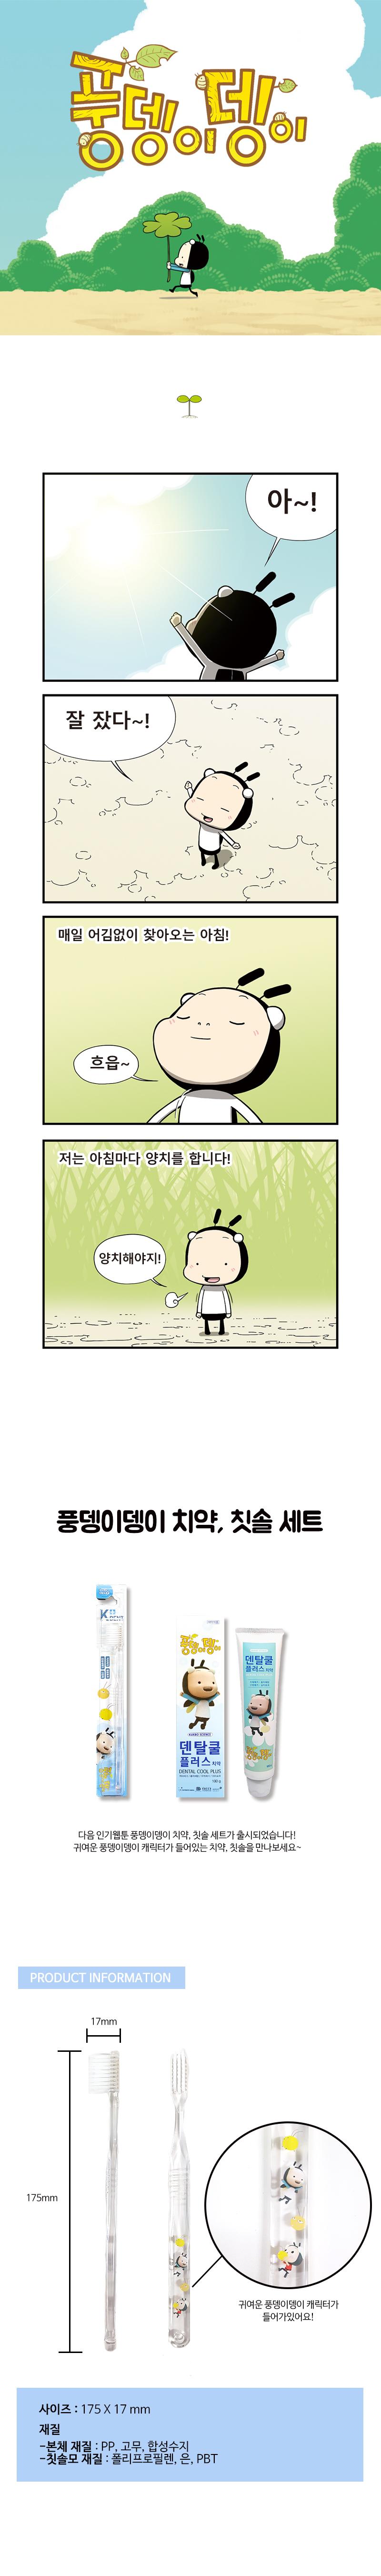 풍뎅이뎅이 치약칫솔세트 - 원트, 4,000원, 양치, 치약/디스펜서